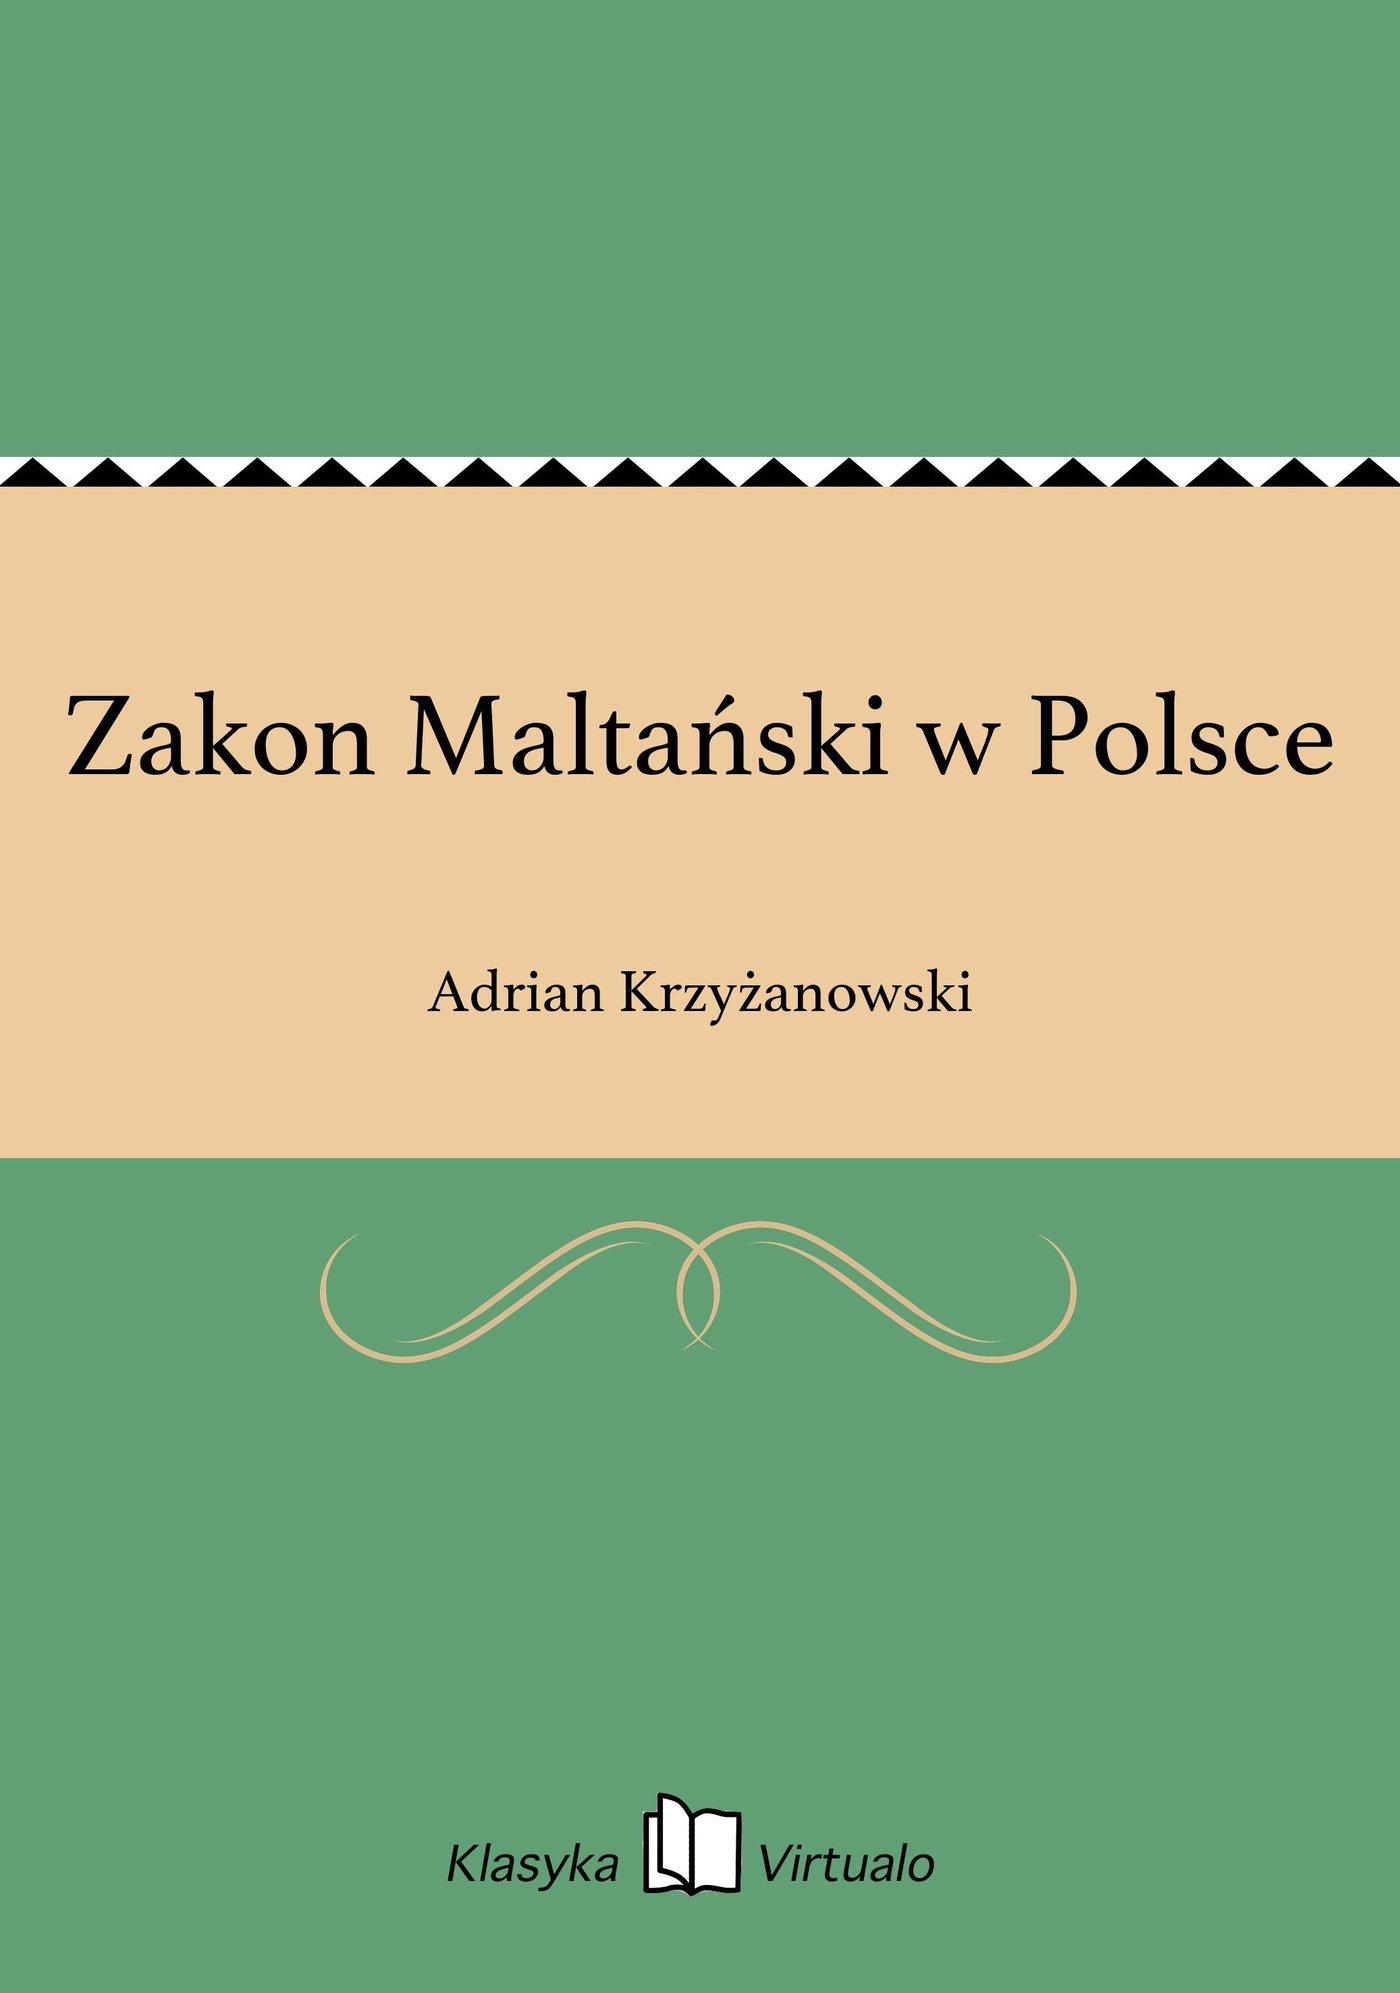 Zakon Maltański w Polsce - Ebook (Książka EPUB) do pobrania w formacie EPUB